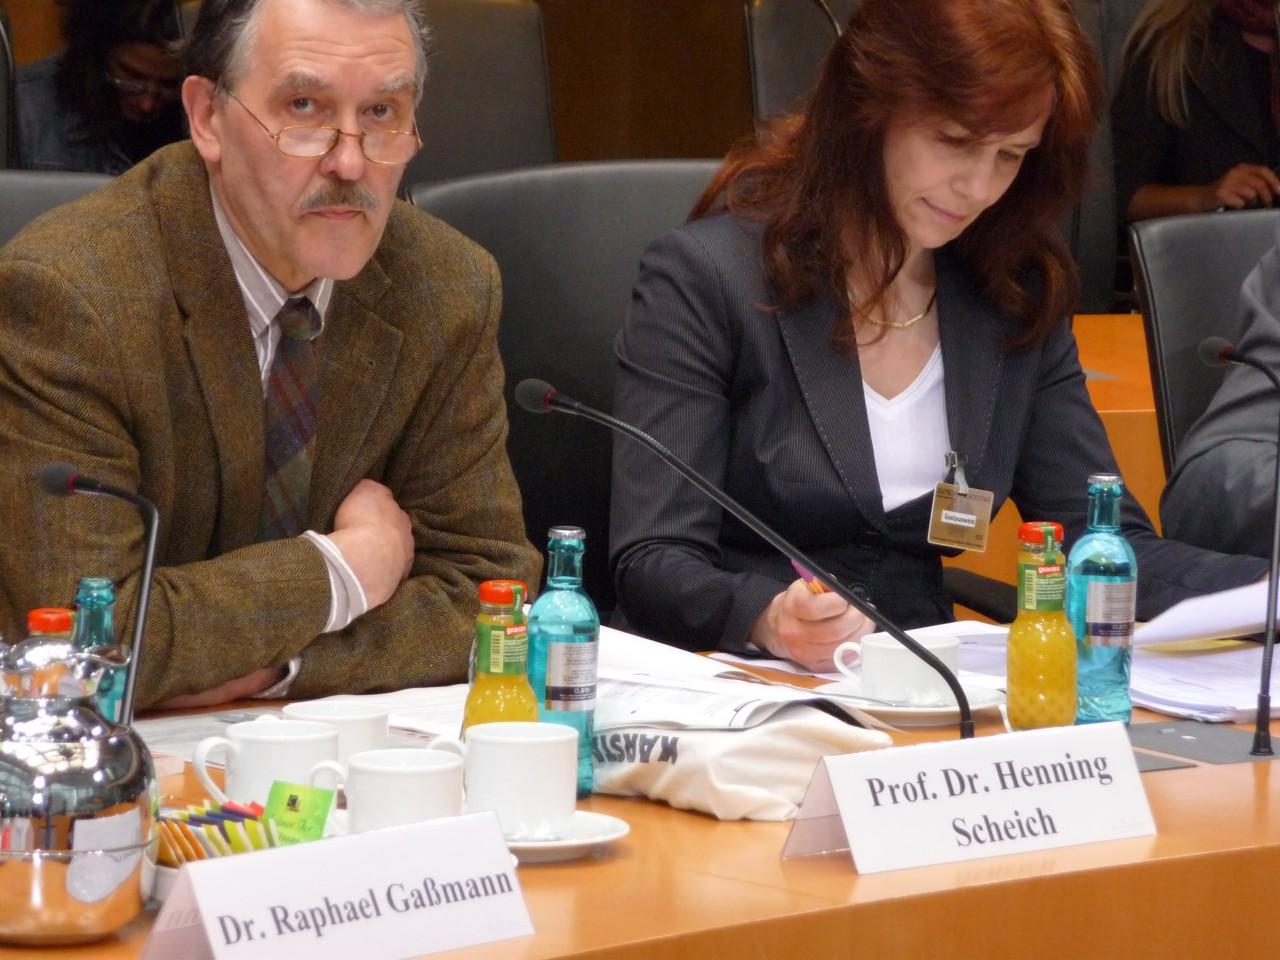 """Onlinesucht im Bundestag: """"Viel Ahnen, wenig Wissen"""" - Prof. Dr. Henning Scheich, Prof. Dr. Angela Schorr"""